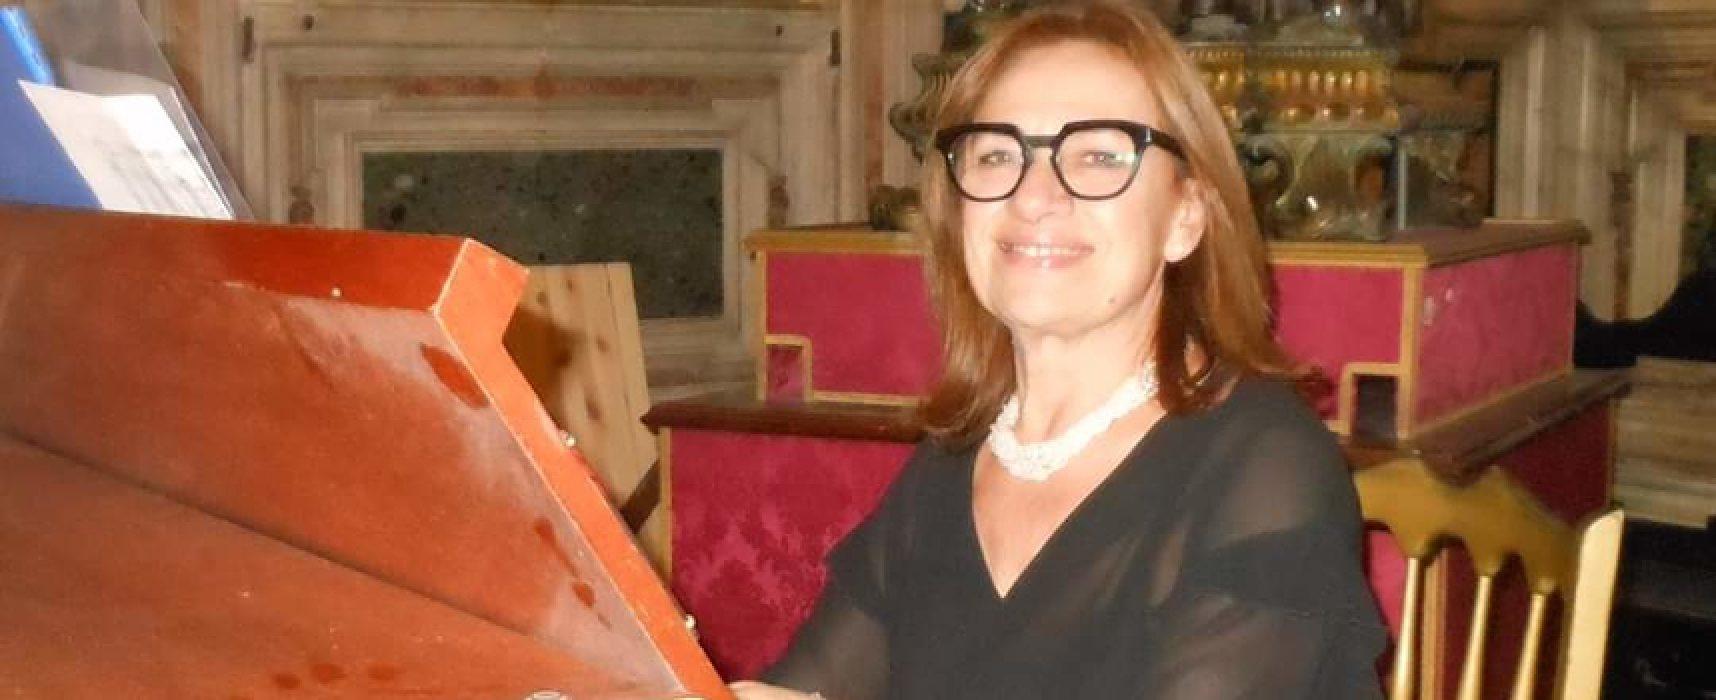 La Maestra Angelarosa Graziani apre il decennale dei Club per l'Unesco di Bisceglie e Napoli